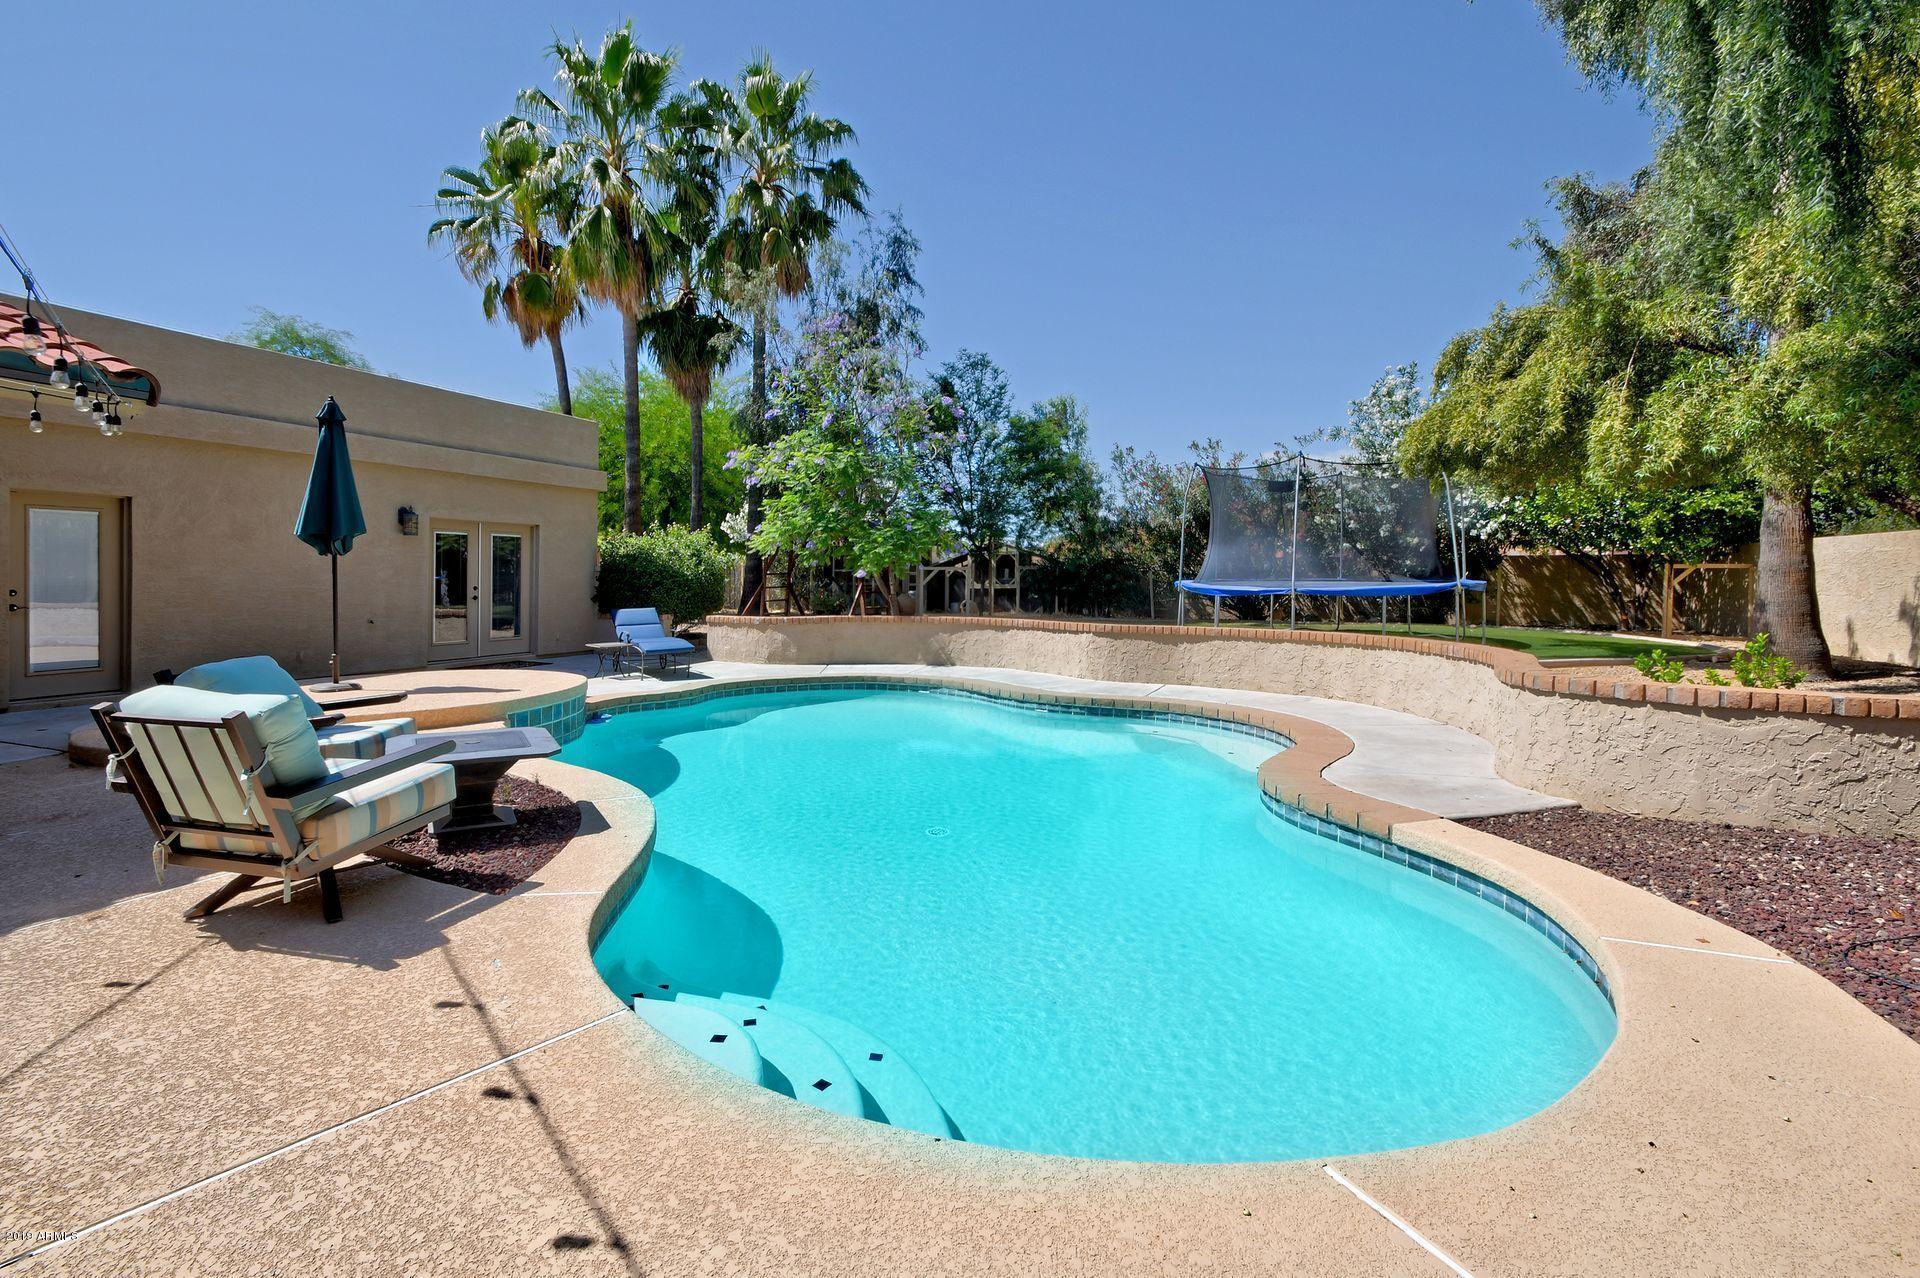 MLS 5925374 7408 E CORRINE Road, Scottsdale, AZ 85260 Scottsdale AZ Private Pool